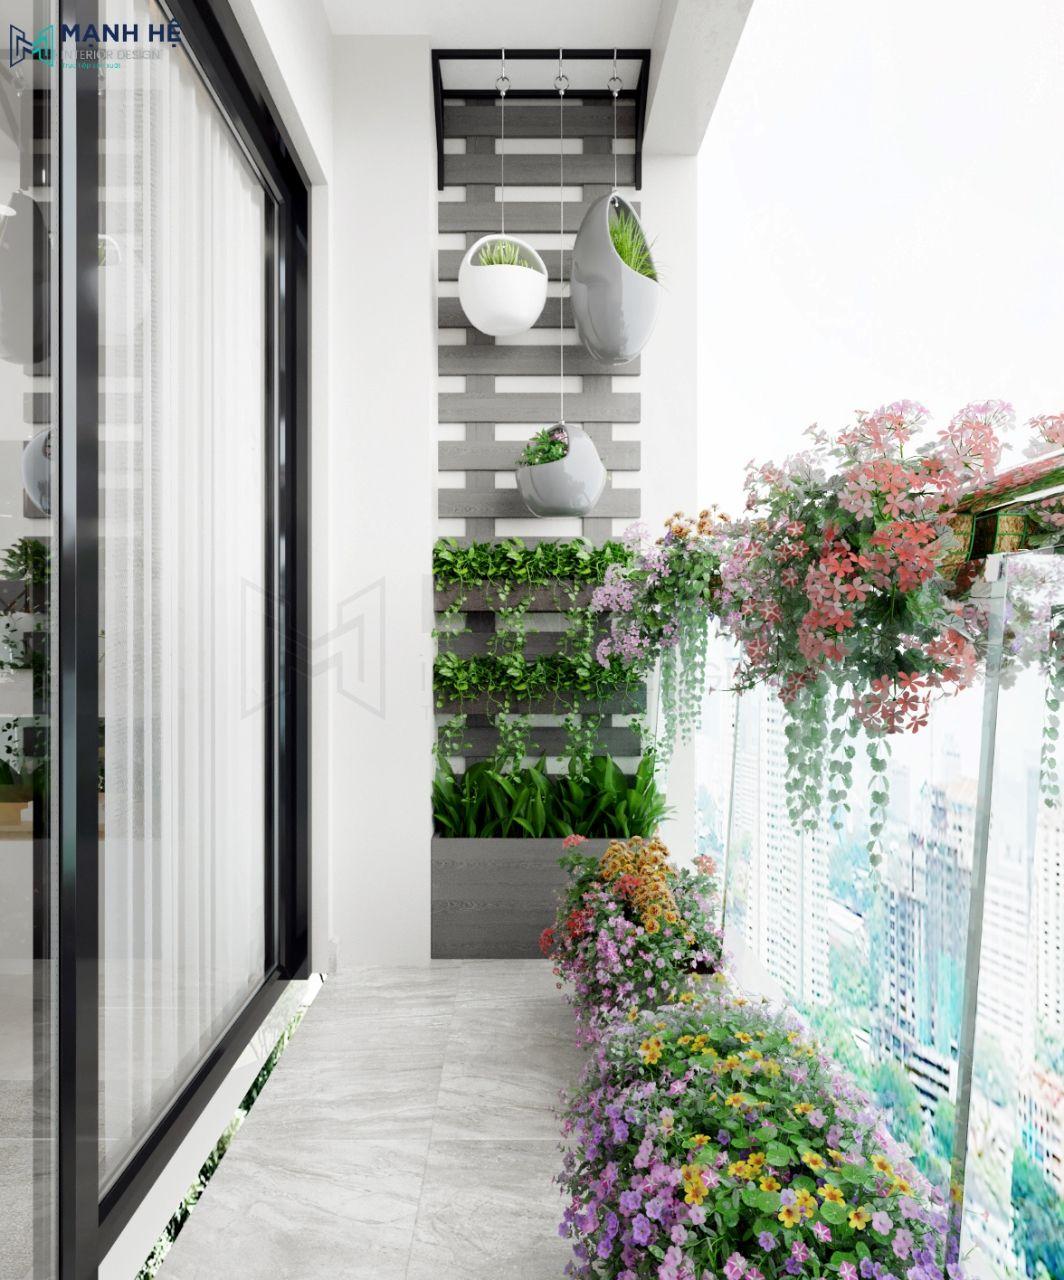 Thiết kế khu vườn nhỏ cho ban công mát mẻ